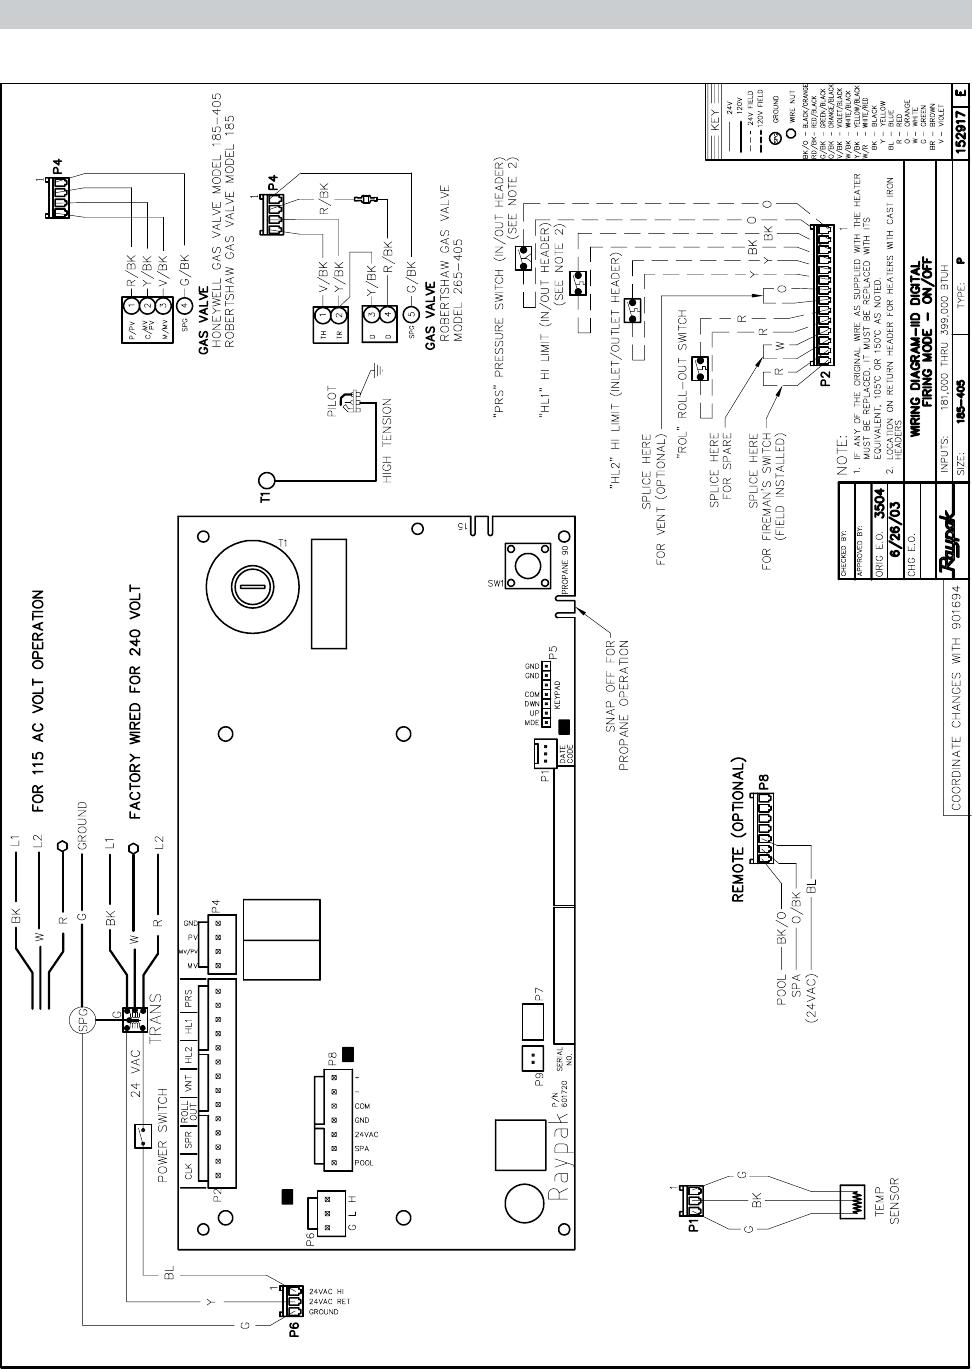 Raypak P R185b To R P405b C R405b R185bl R405bl Users Manual 600052 Air Pressor 240 Volt Wiring Diagram Iid Atmospheric